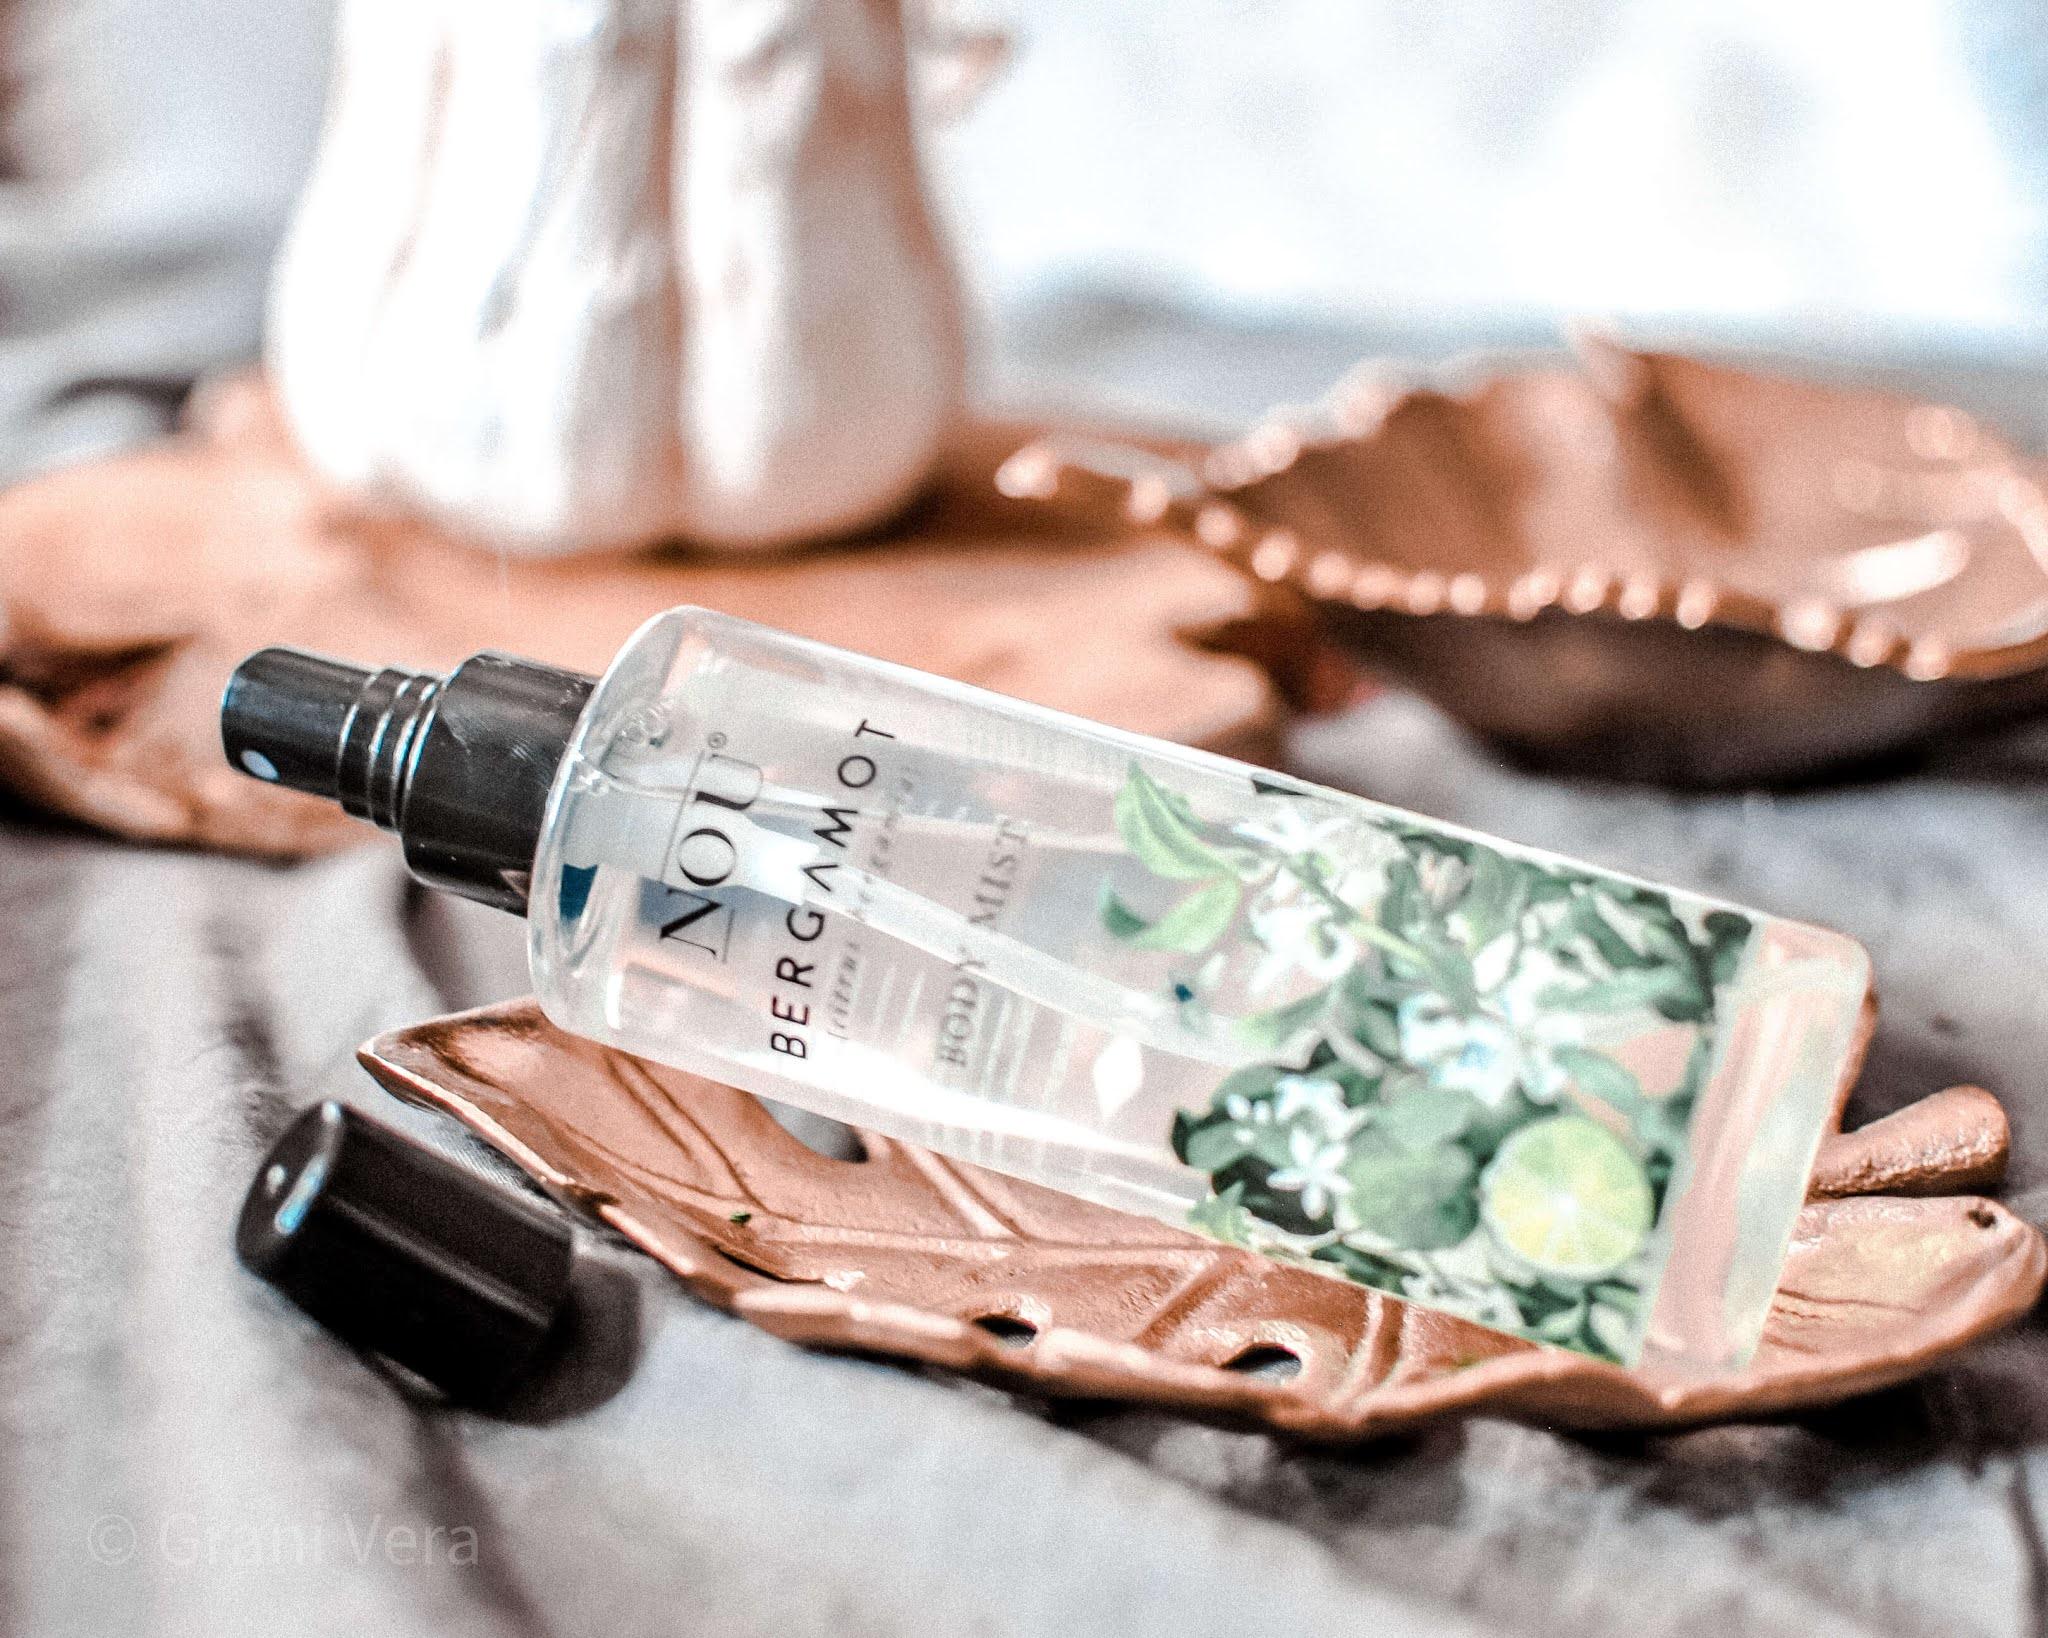 opinie-rossmann-perfumy-nou